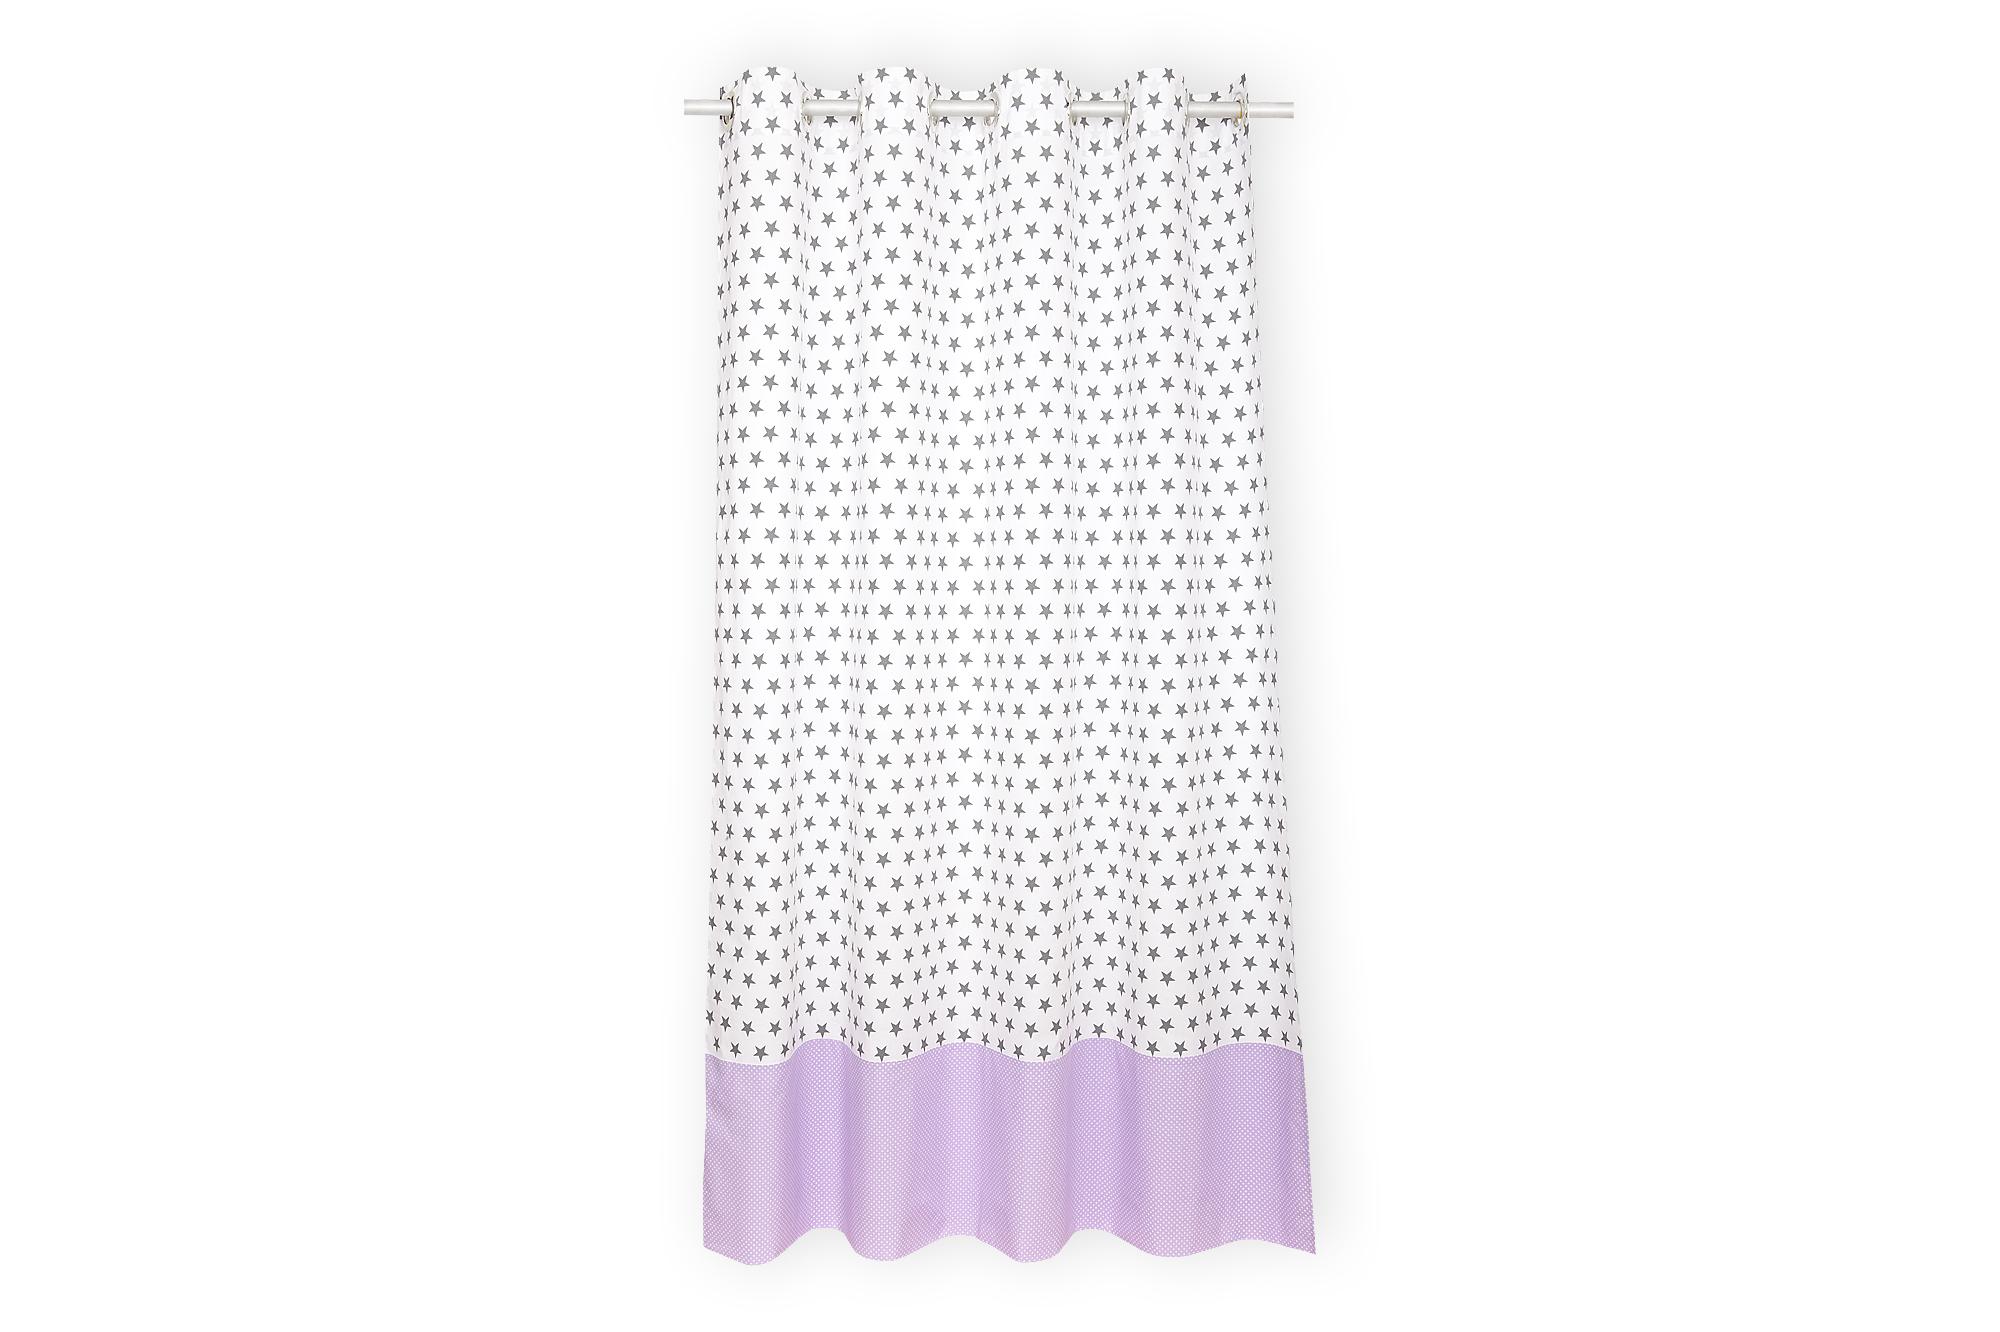 KraftKids Gardinen kleine graue Sterne auf Weiss und weiße Punkte auf Lila Länge: 170 cm